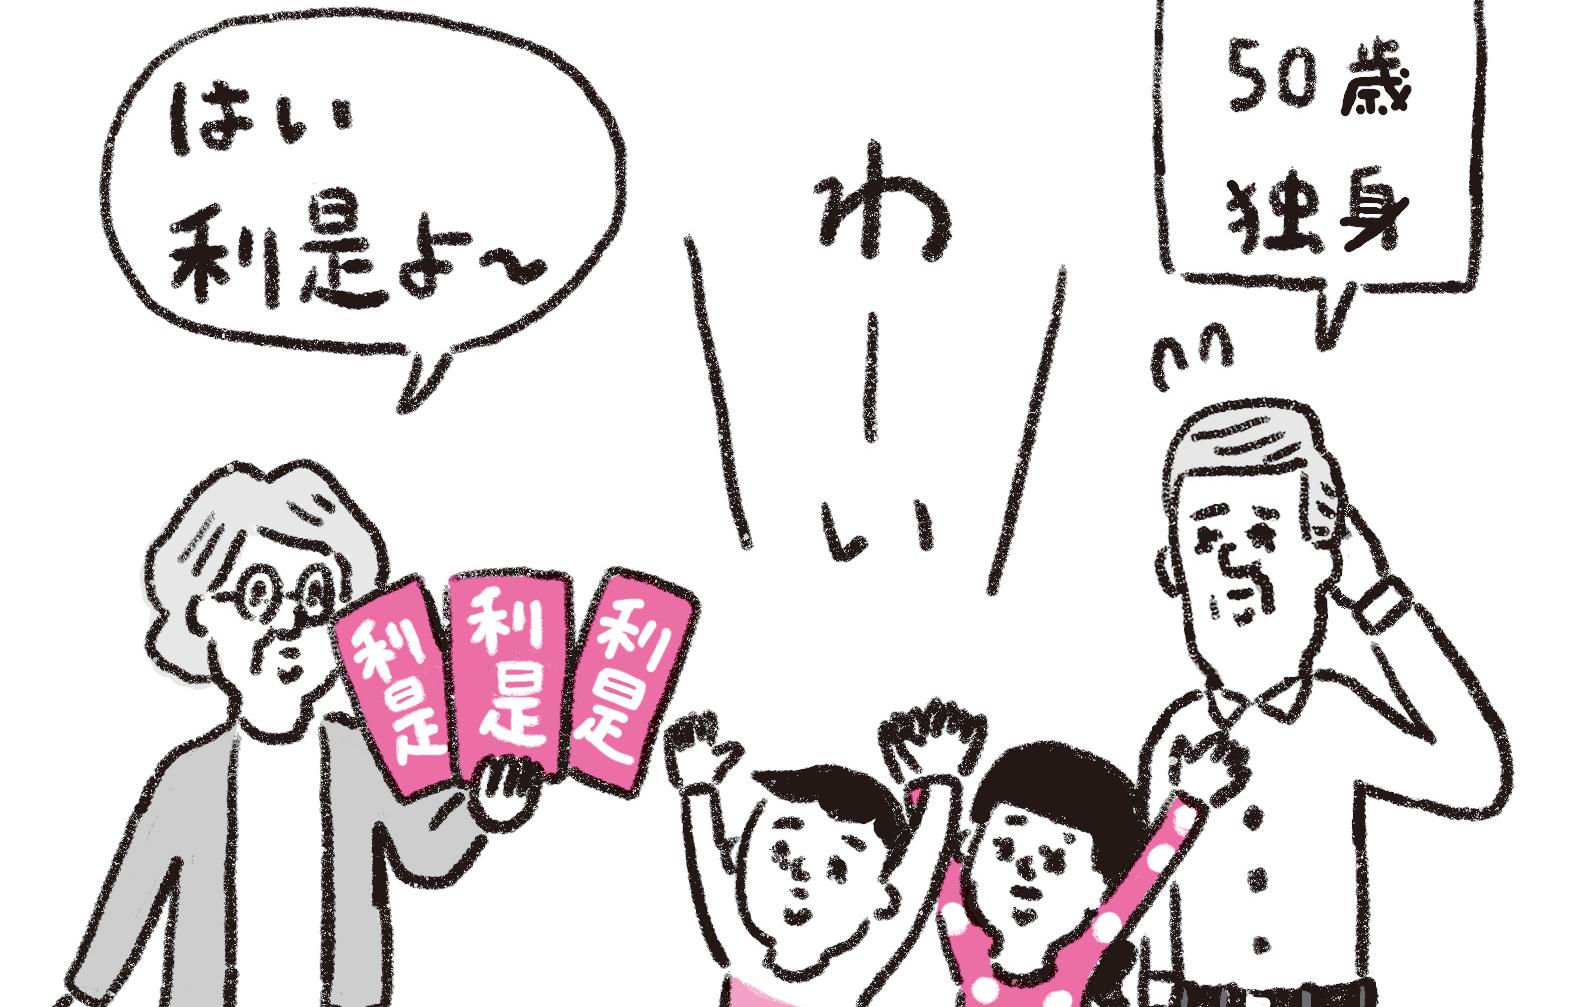 結婚しない方がお得?50歳でもお年玉がもらえる香港の常識